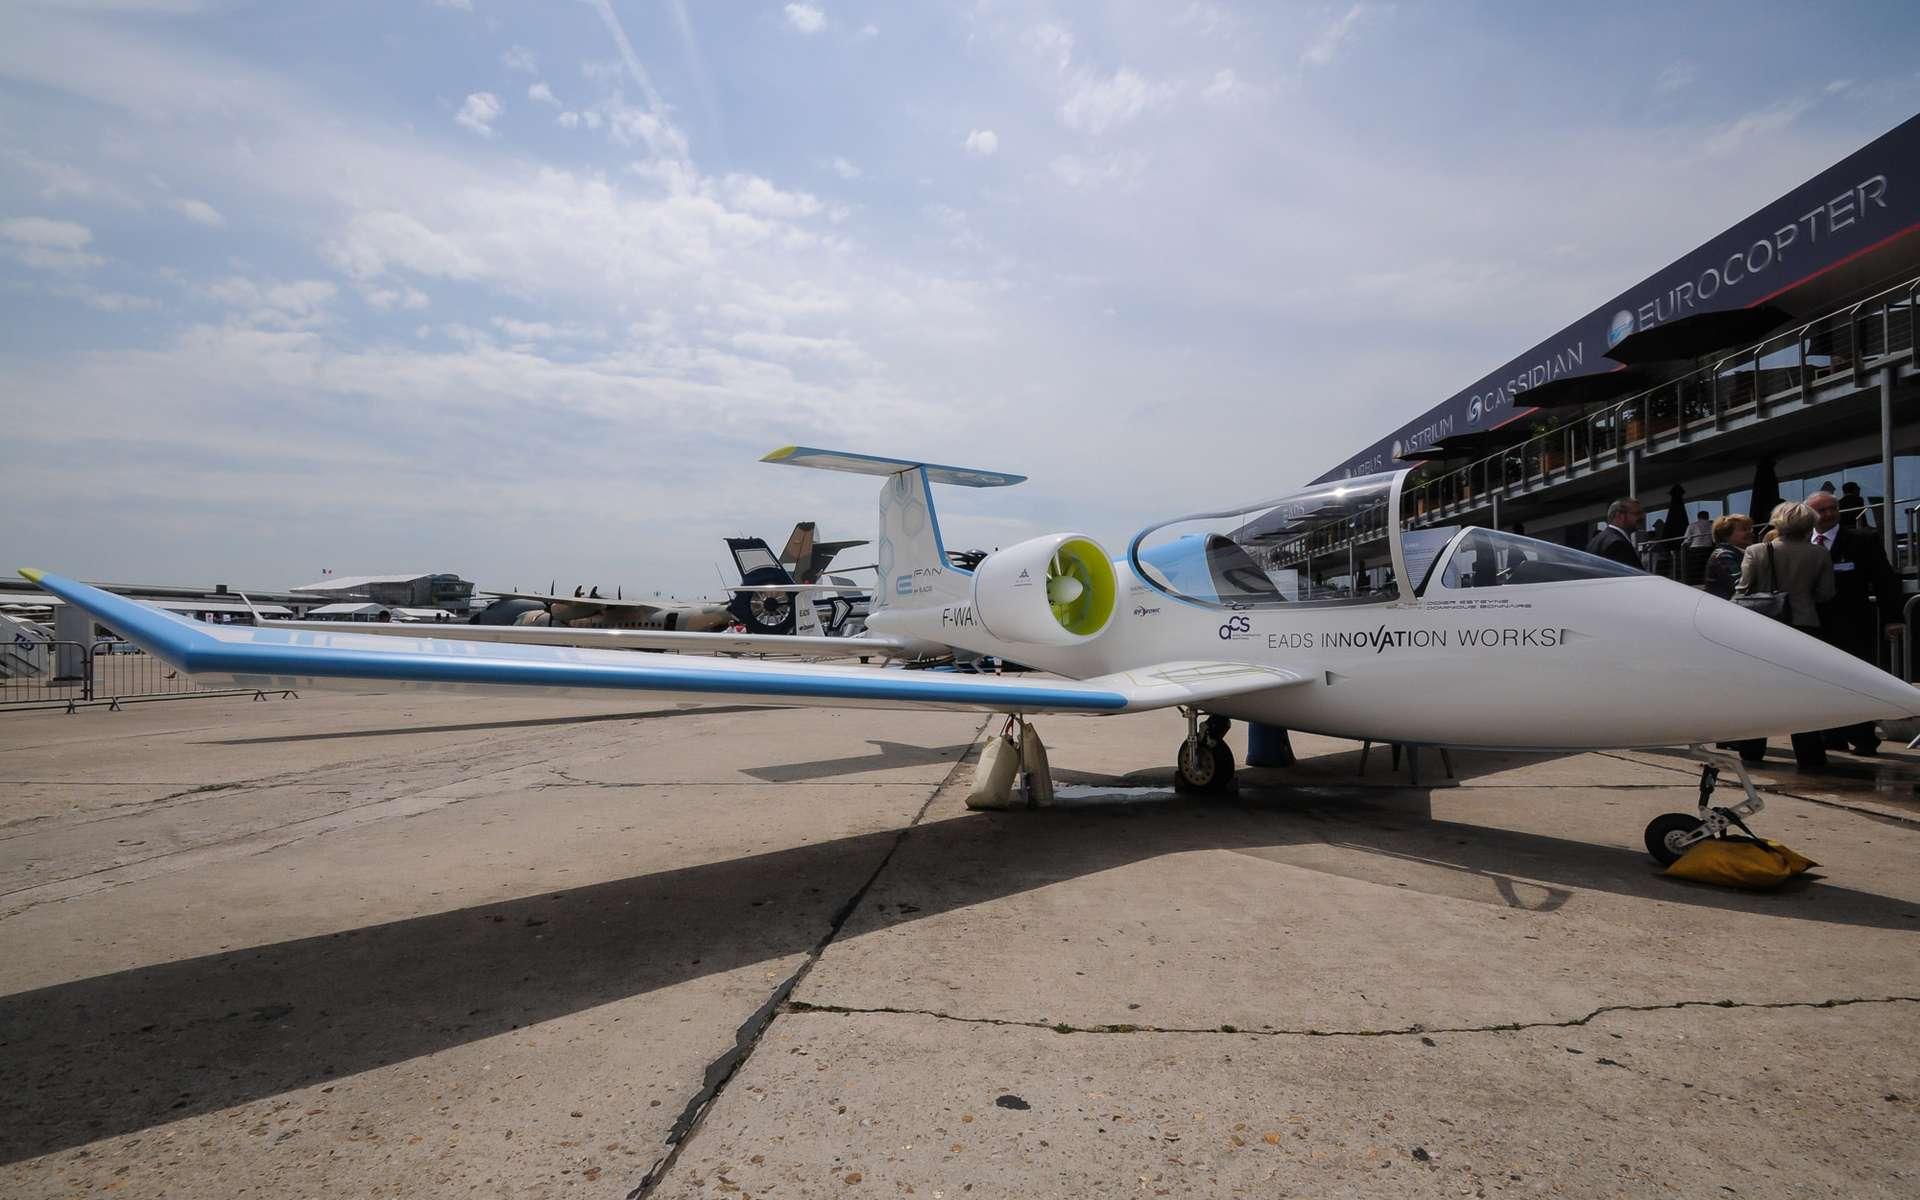 L'E-Fan, un élégant prototype conçu par EADS et mû par deux moteurs électriques actionnant des hélices carénées. L'engin n'a pas encore volé mais EADS en fait un laboratoire pour de futurs modes de propulsion moins gourmands en pétrole. © EADS